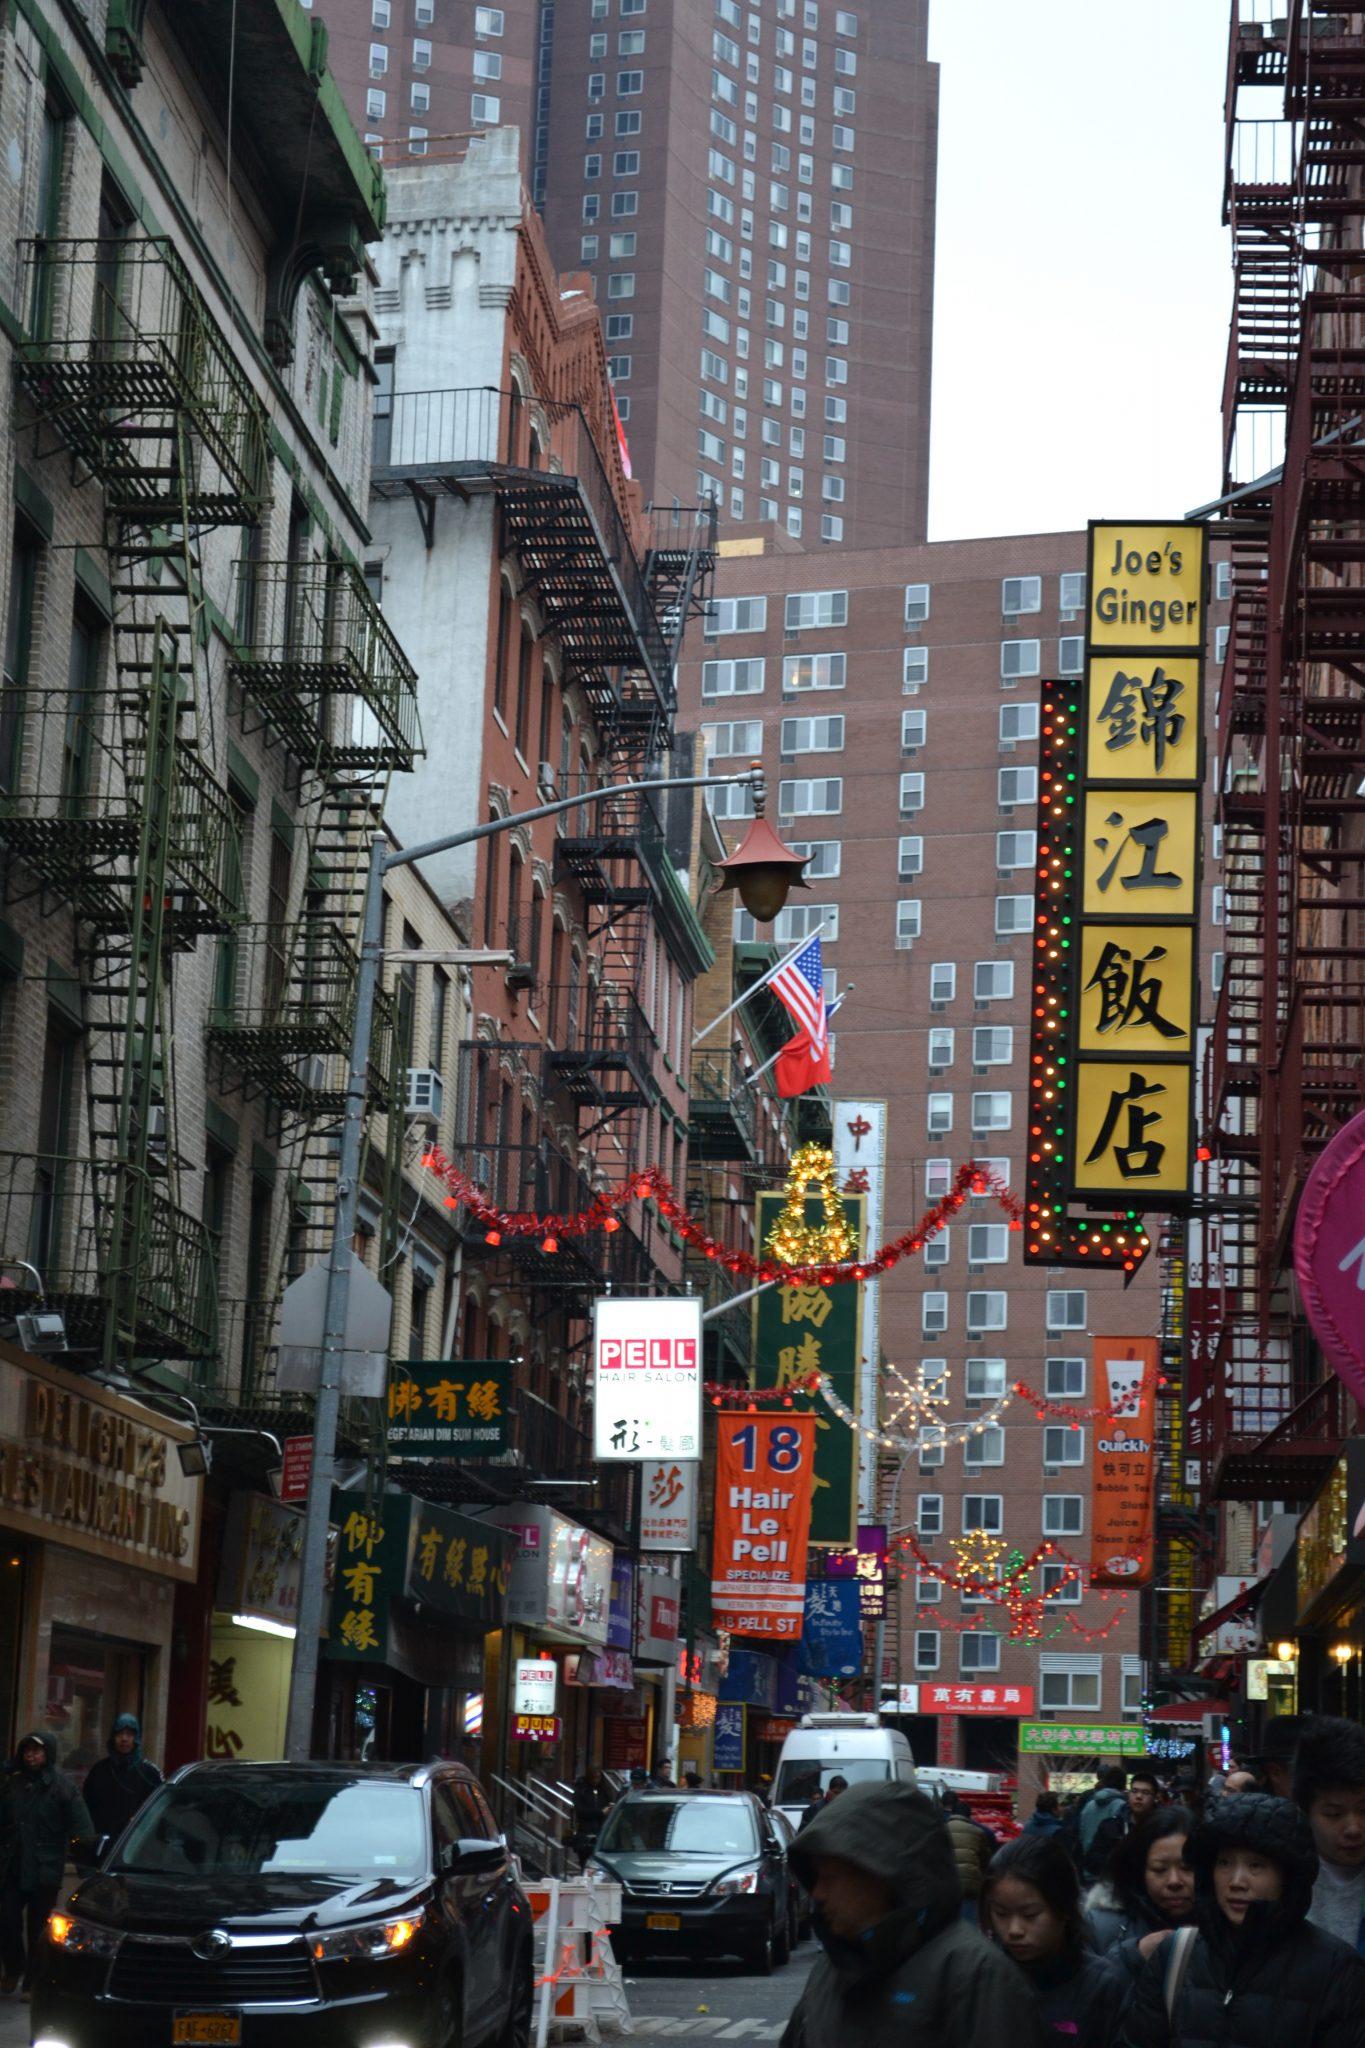 Eine Woche in New York: Neighbourhoodwalk China Town - dsc 0531